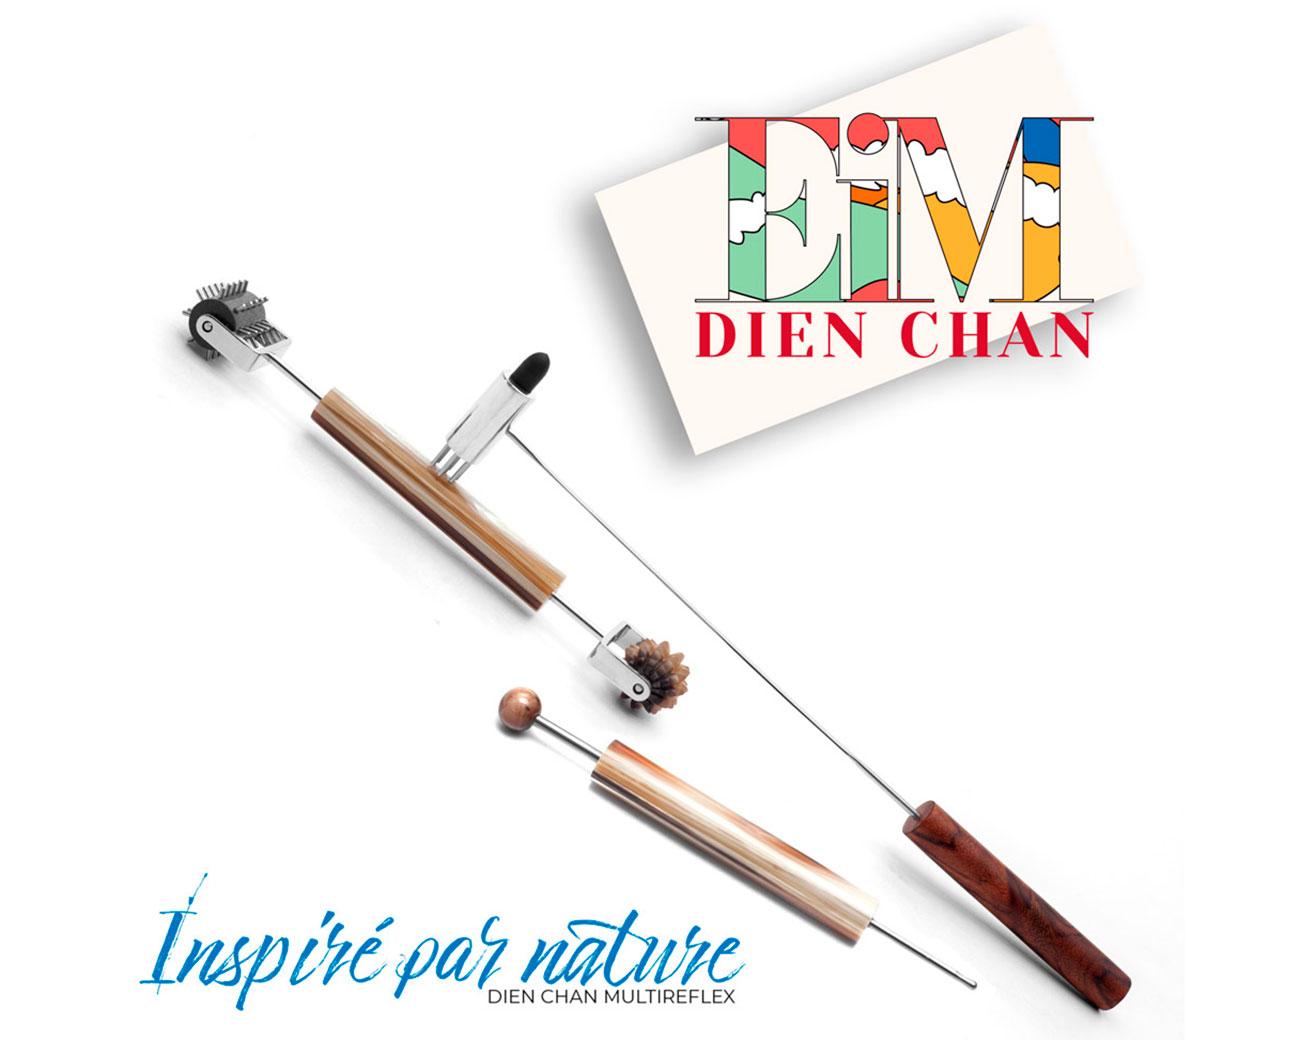 Dien Chan tool nº567